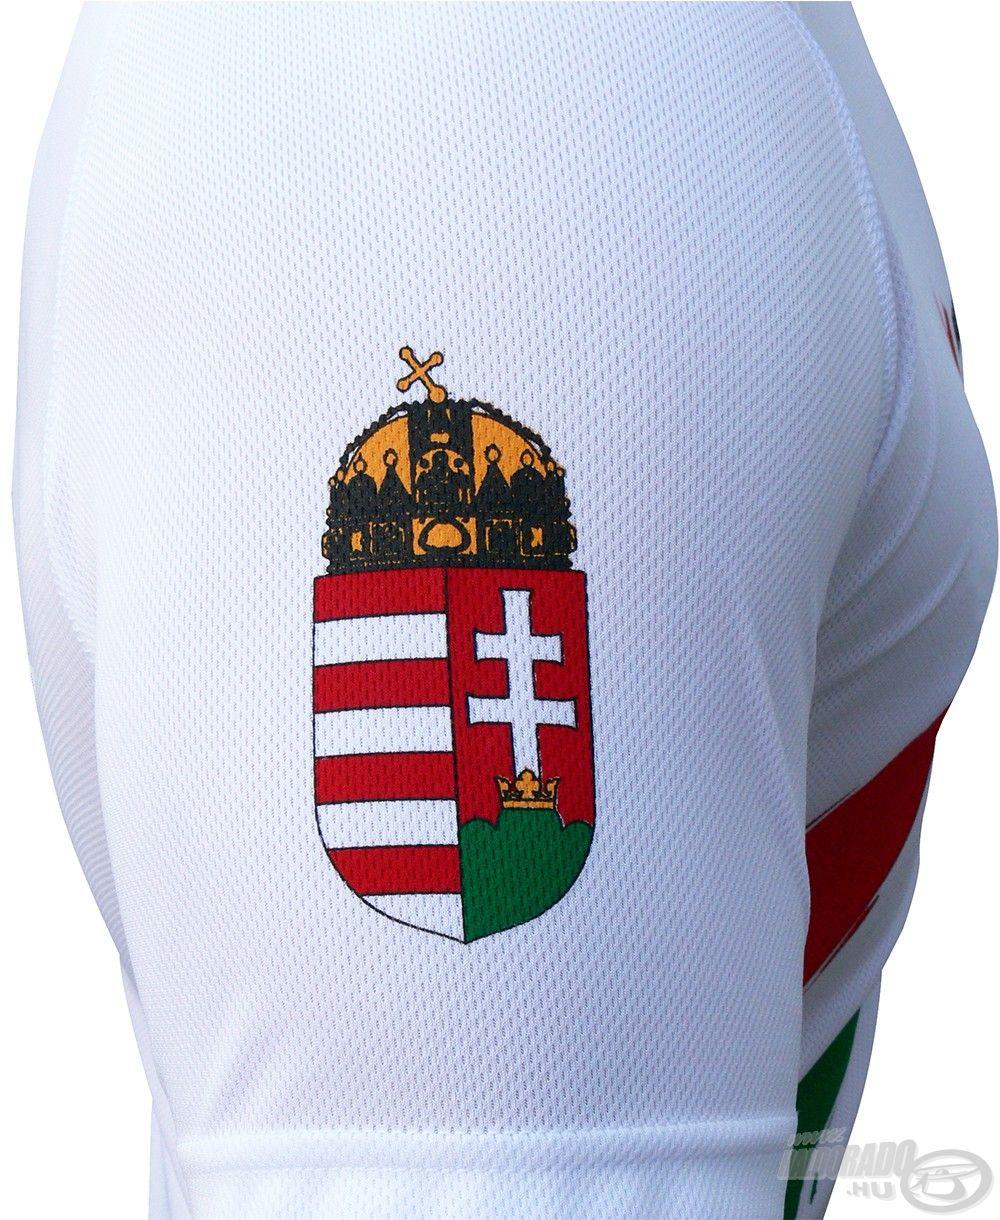 Itt kapott helyet a magyar címer